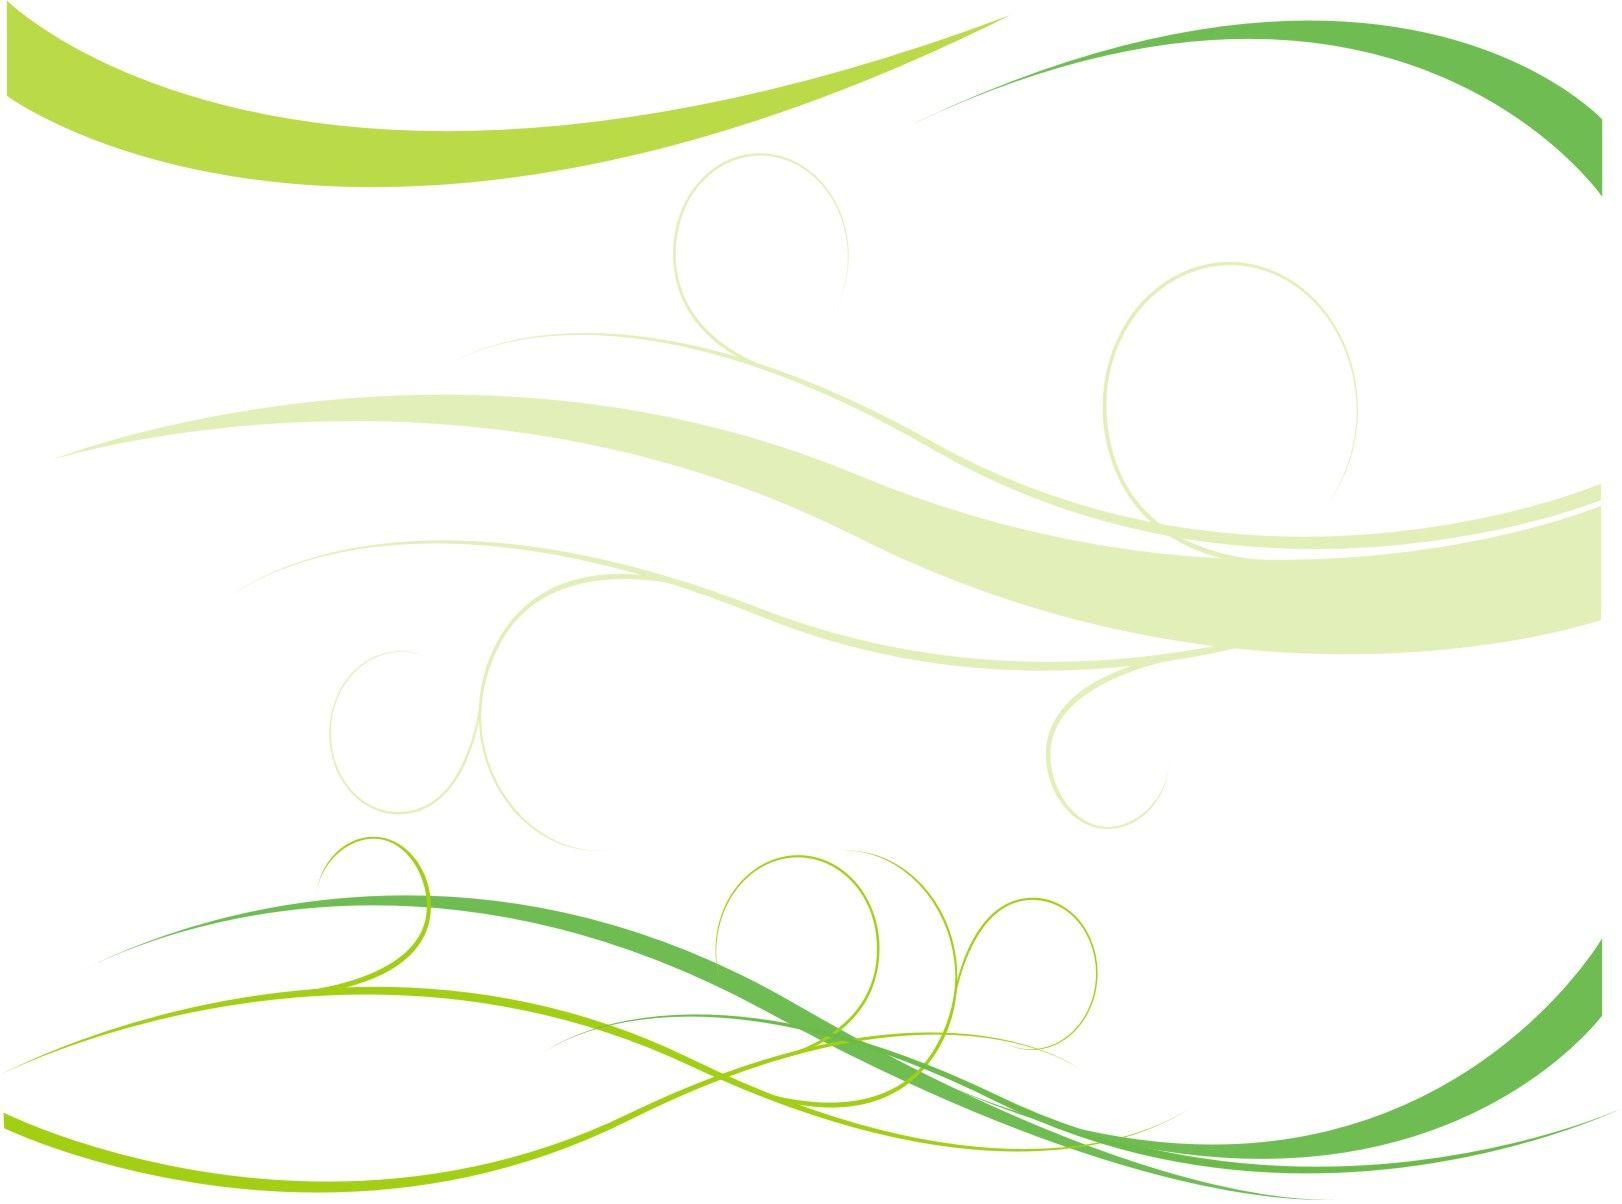 Floral presentation frames borders backgrounds powerpoint ayuo floral presentation frames borders backgrounds powerpoint toneelgroepblik Image collections